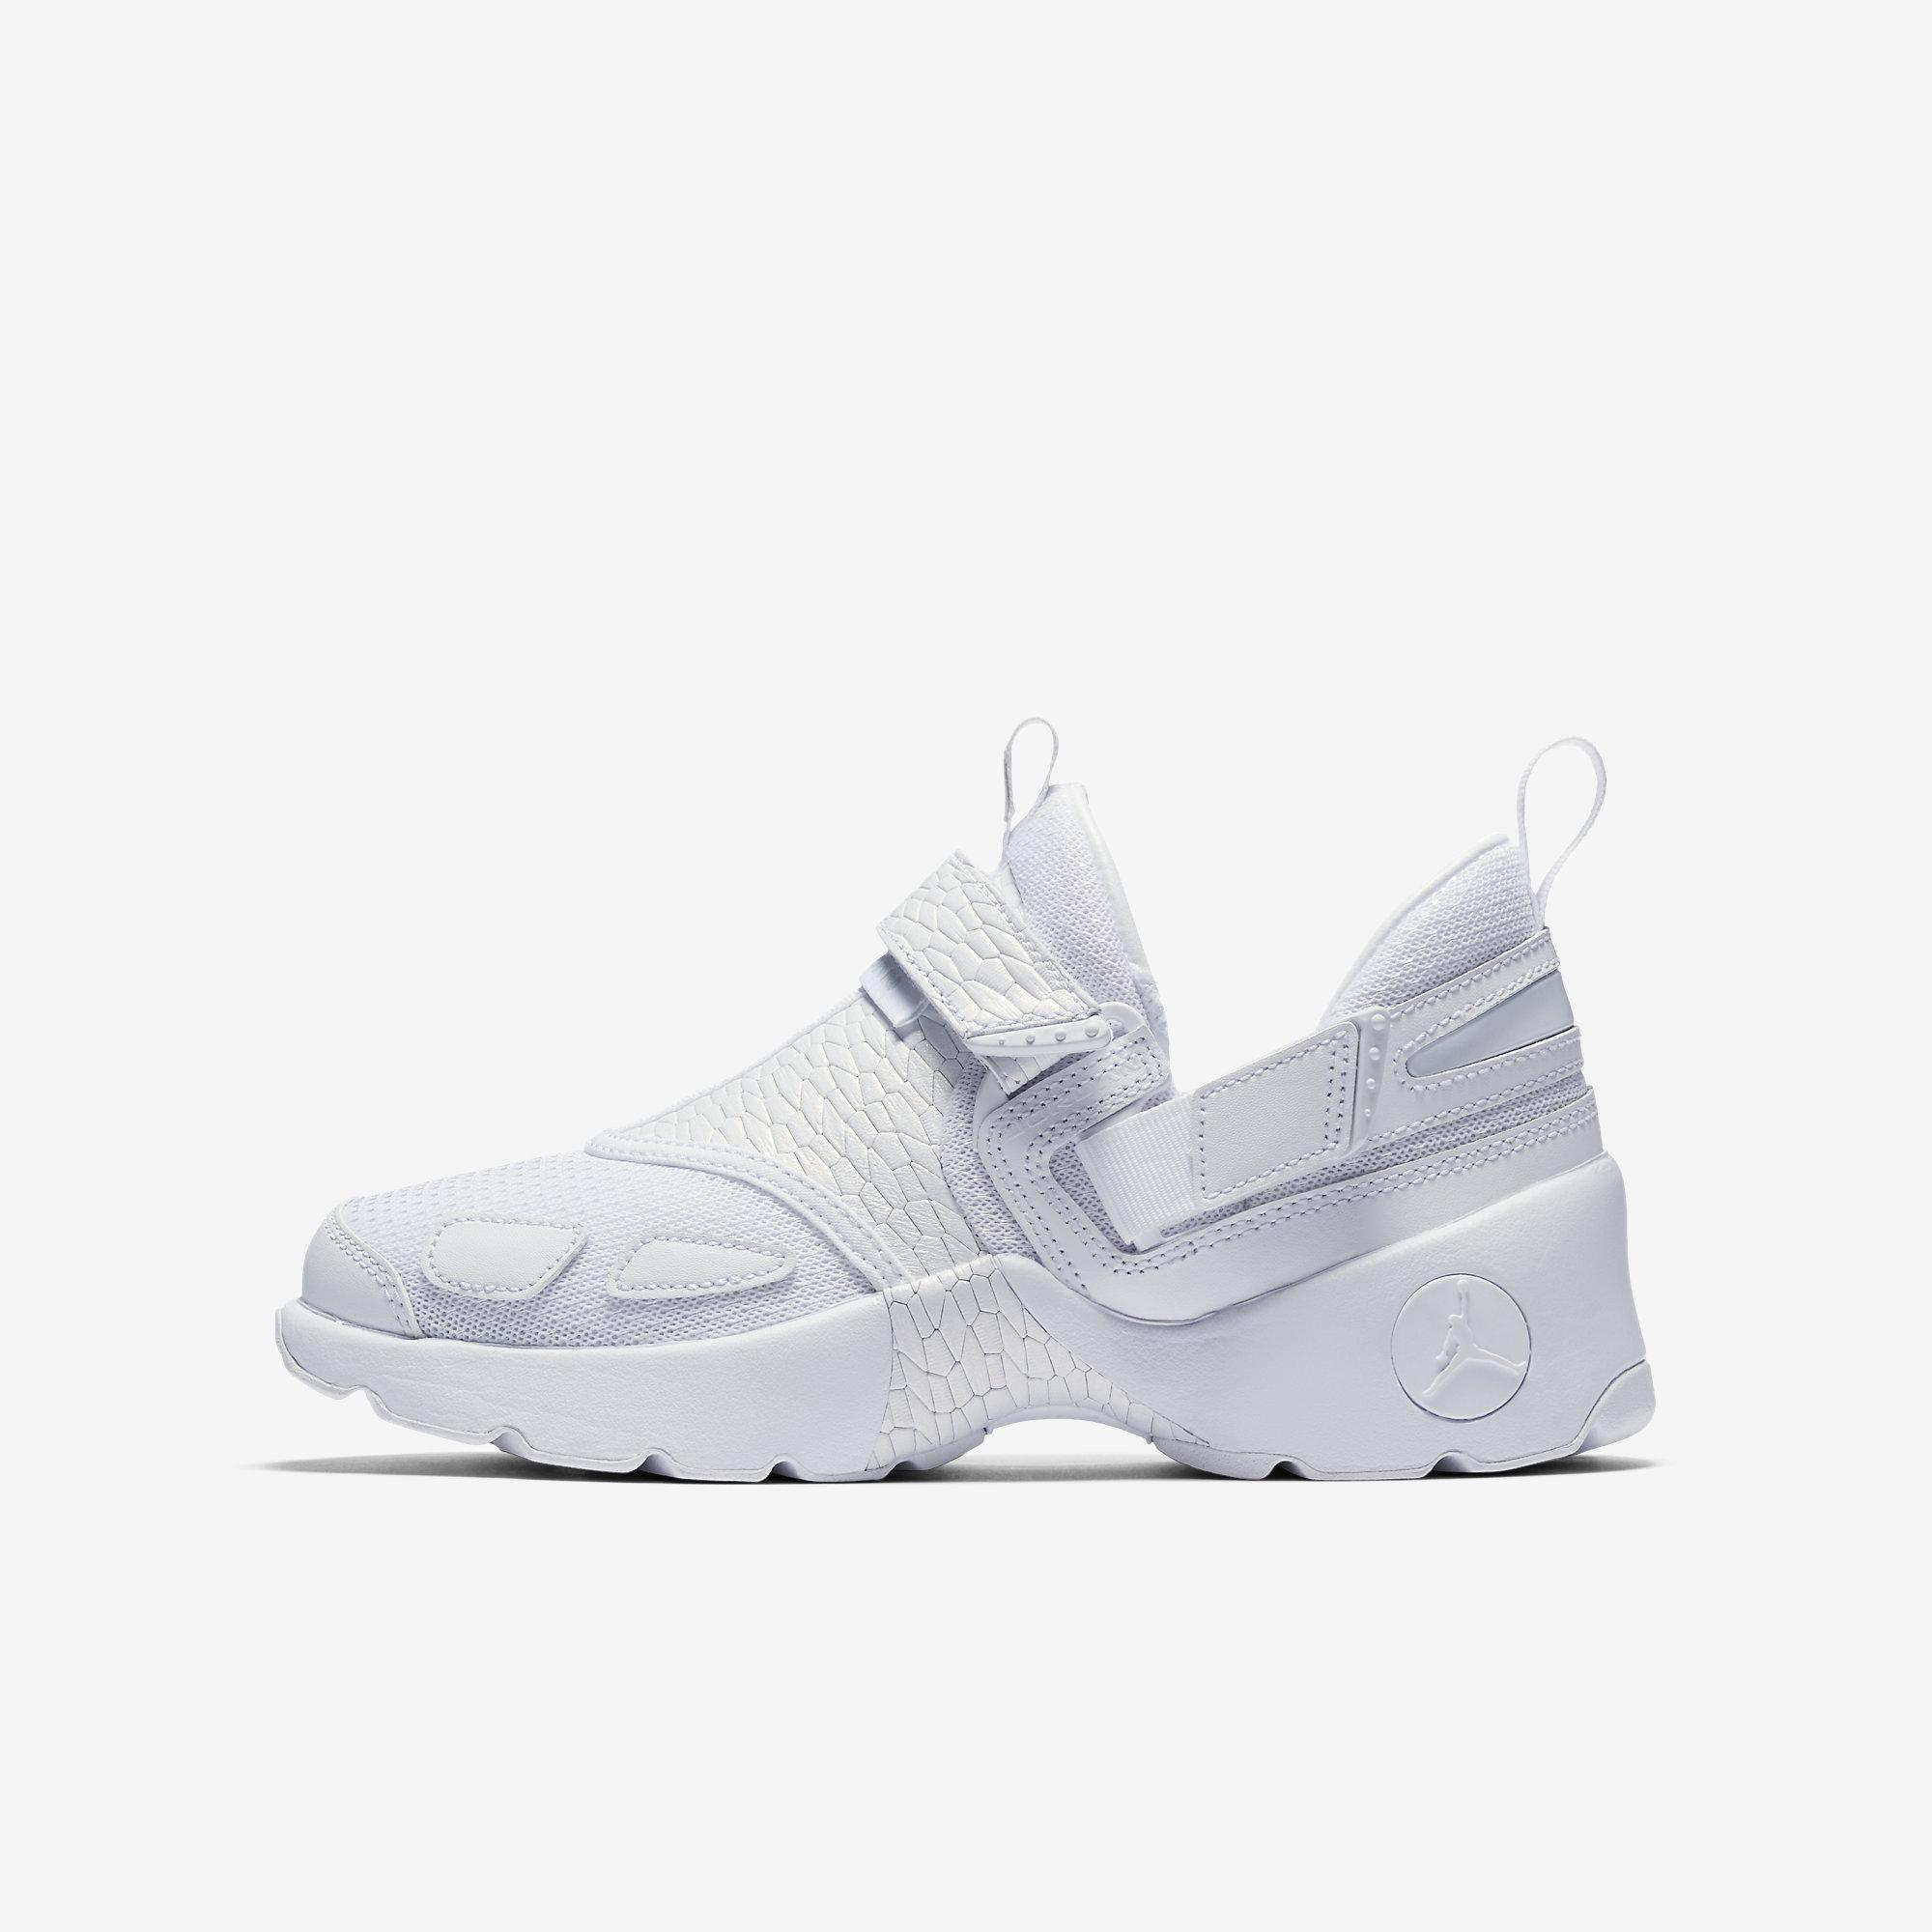 Nike TRUNNER LX PR HC Girls 897997-100